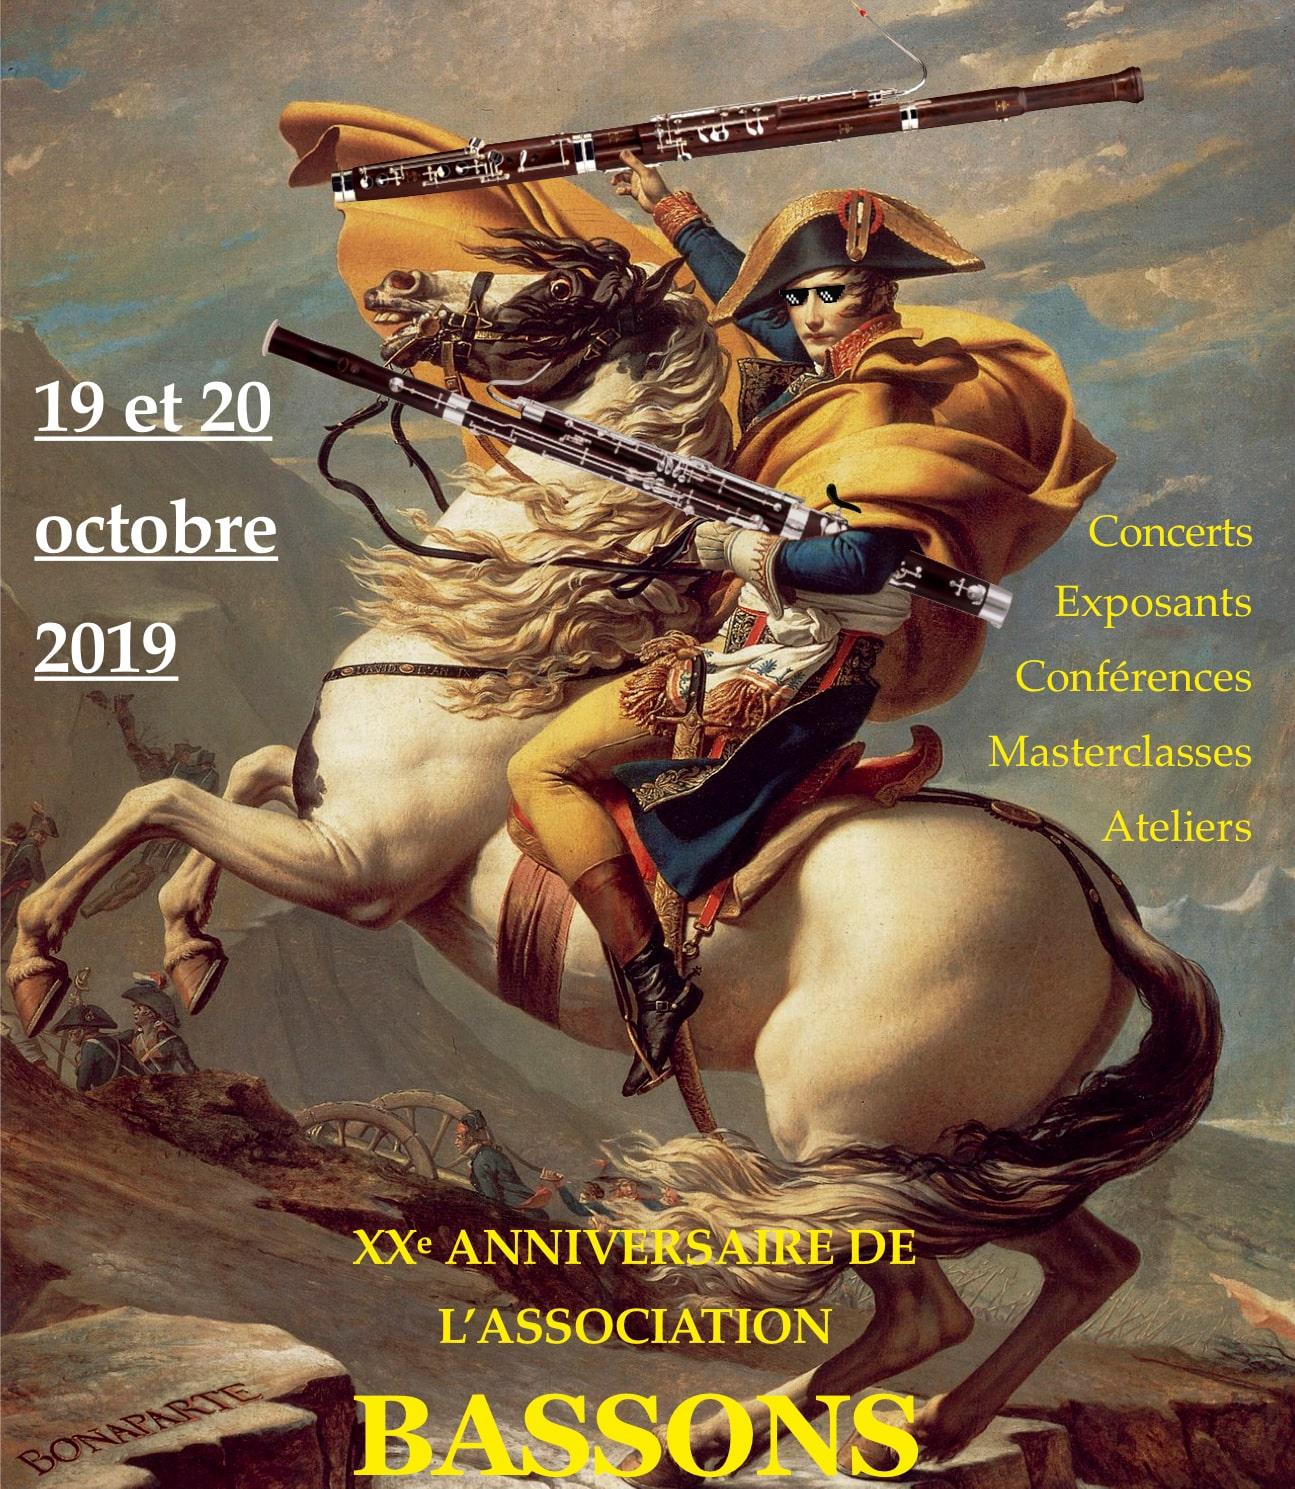 XXe anniversaire de l'association les 19 et 20 octobre 2019 au CRR de RUEIL-MALMAISON